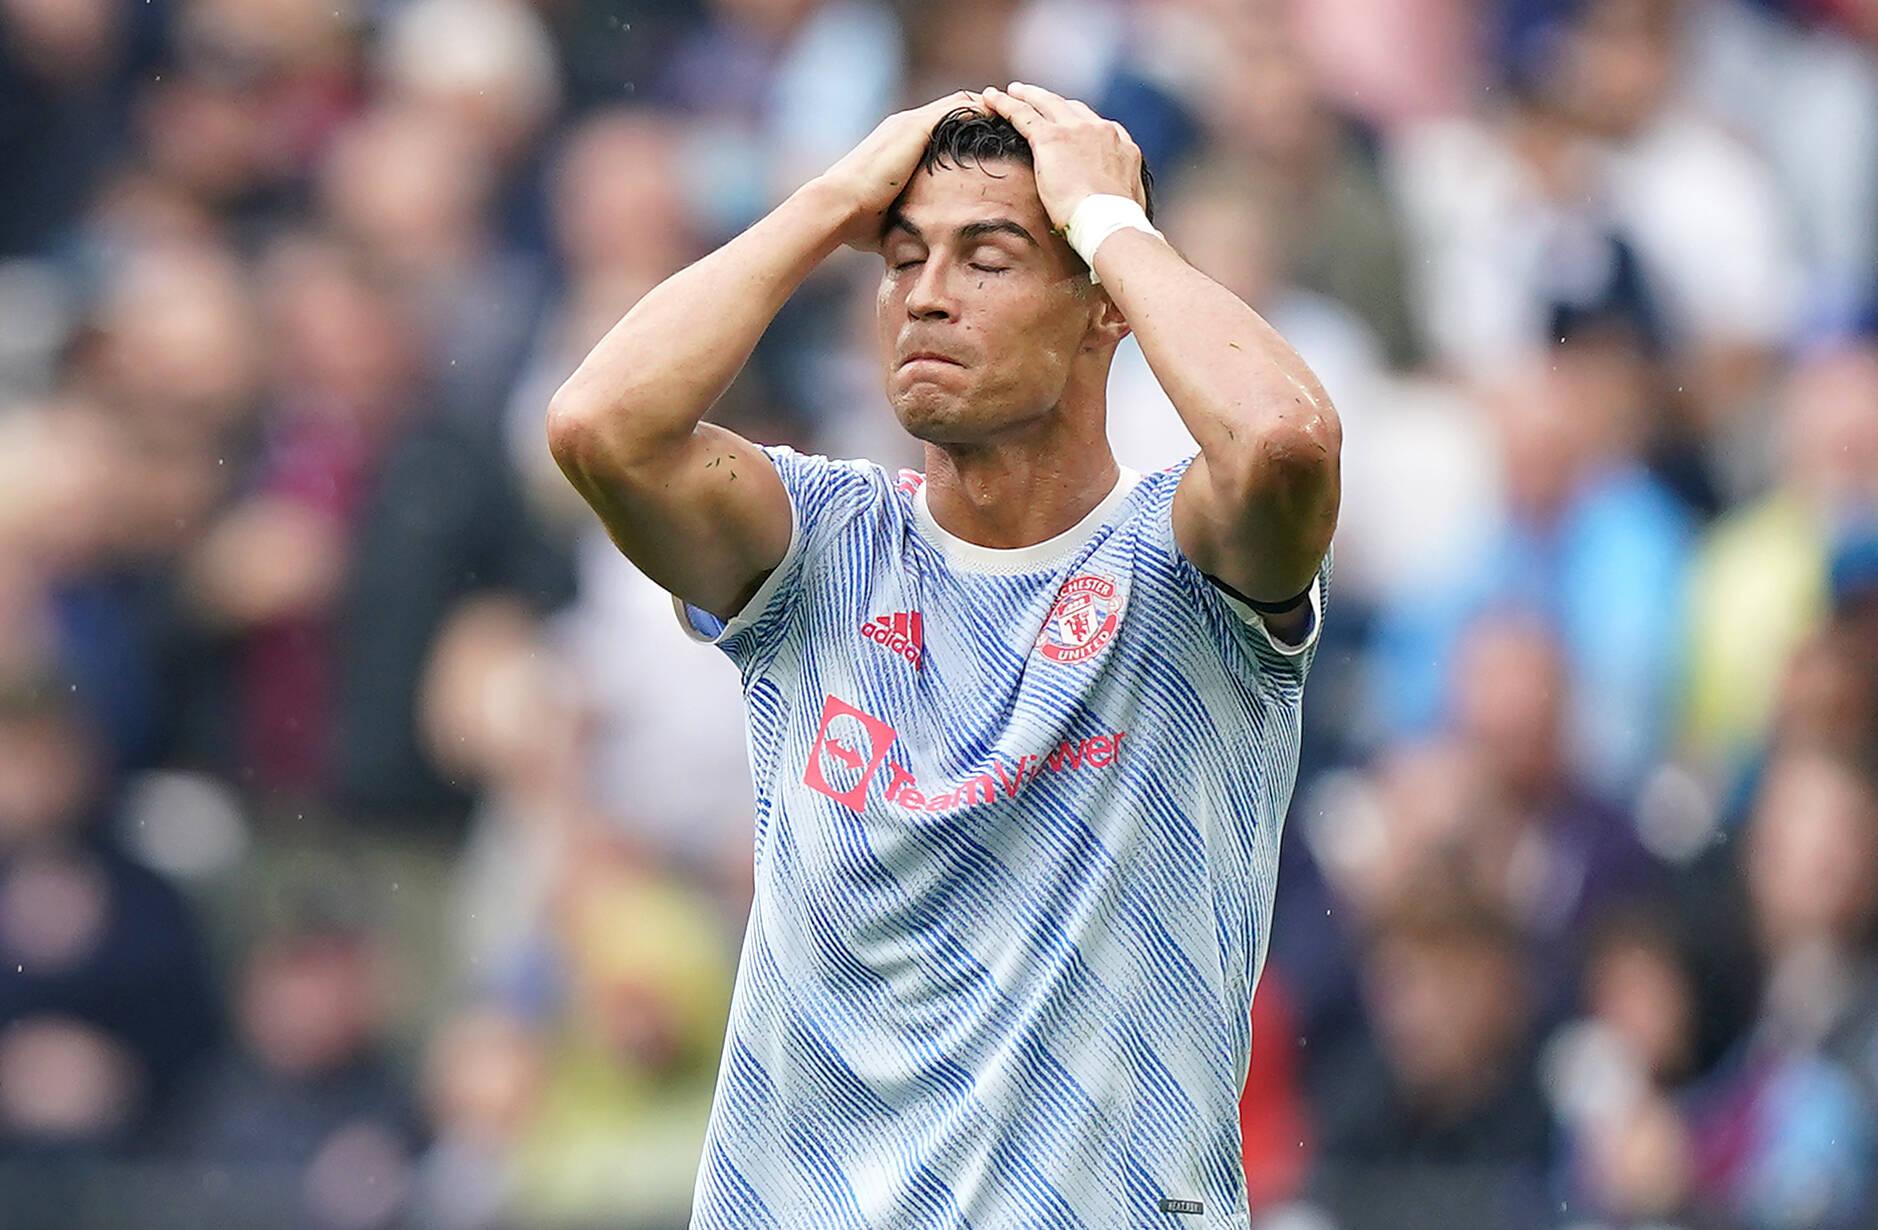 La madre de Cristiano Ronaldo quiere volver a verlo en el Sporting